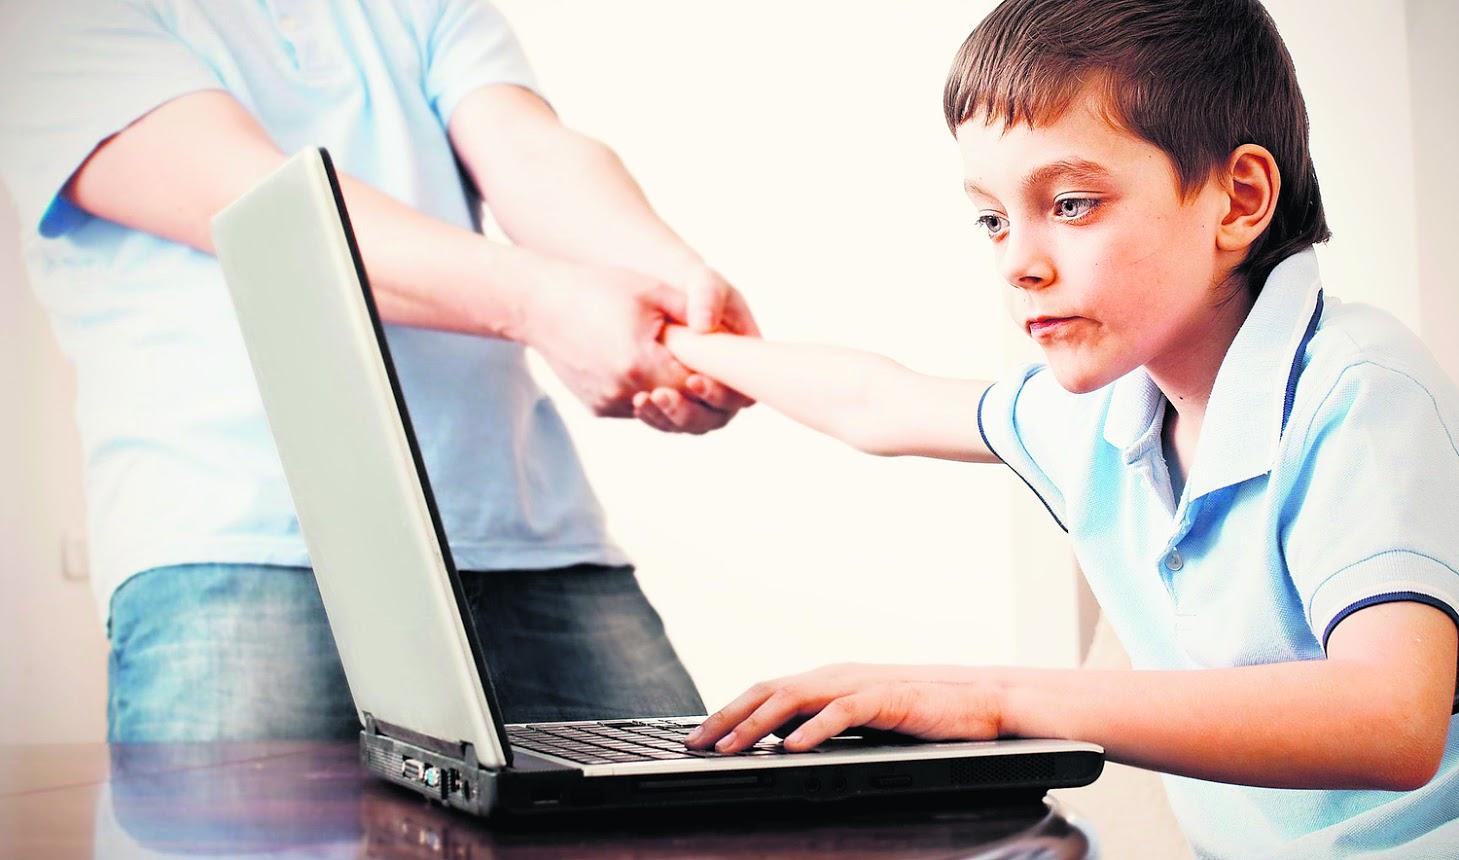 Увага! Симптоми того, що соціальні мережі шкодять дітям